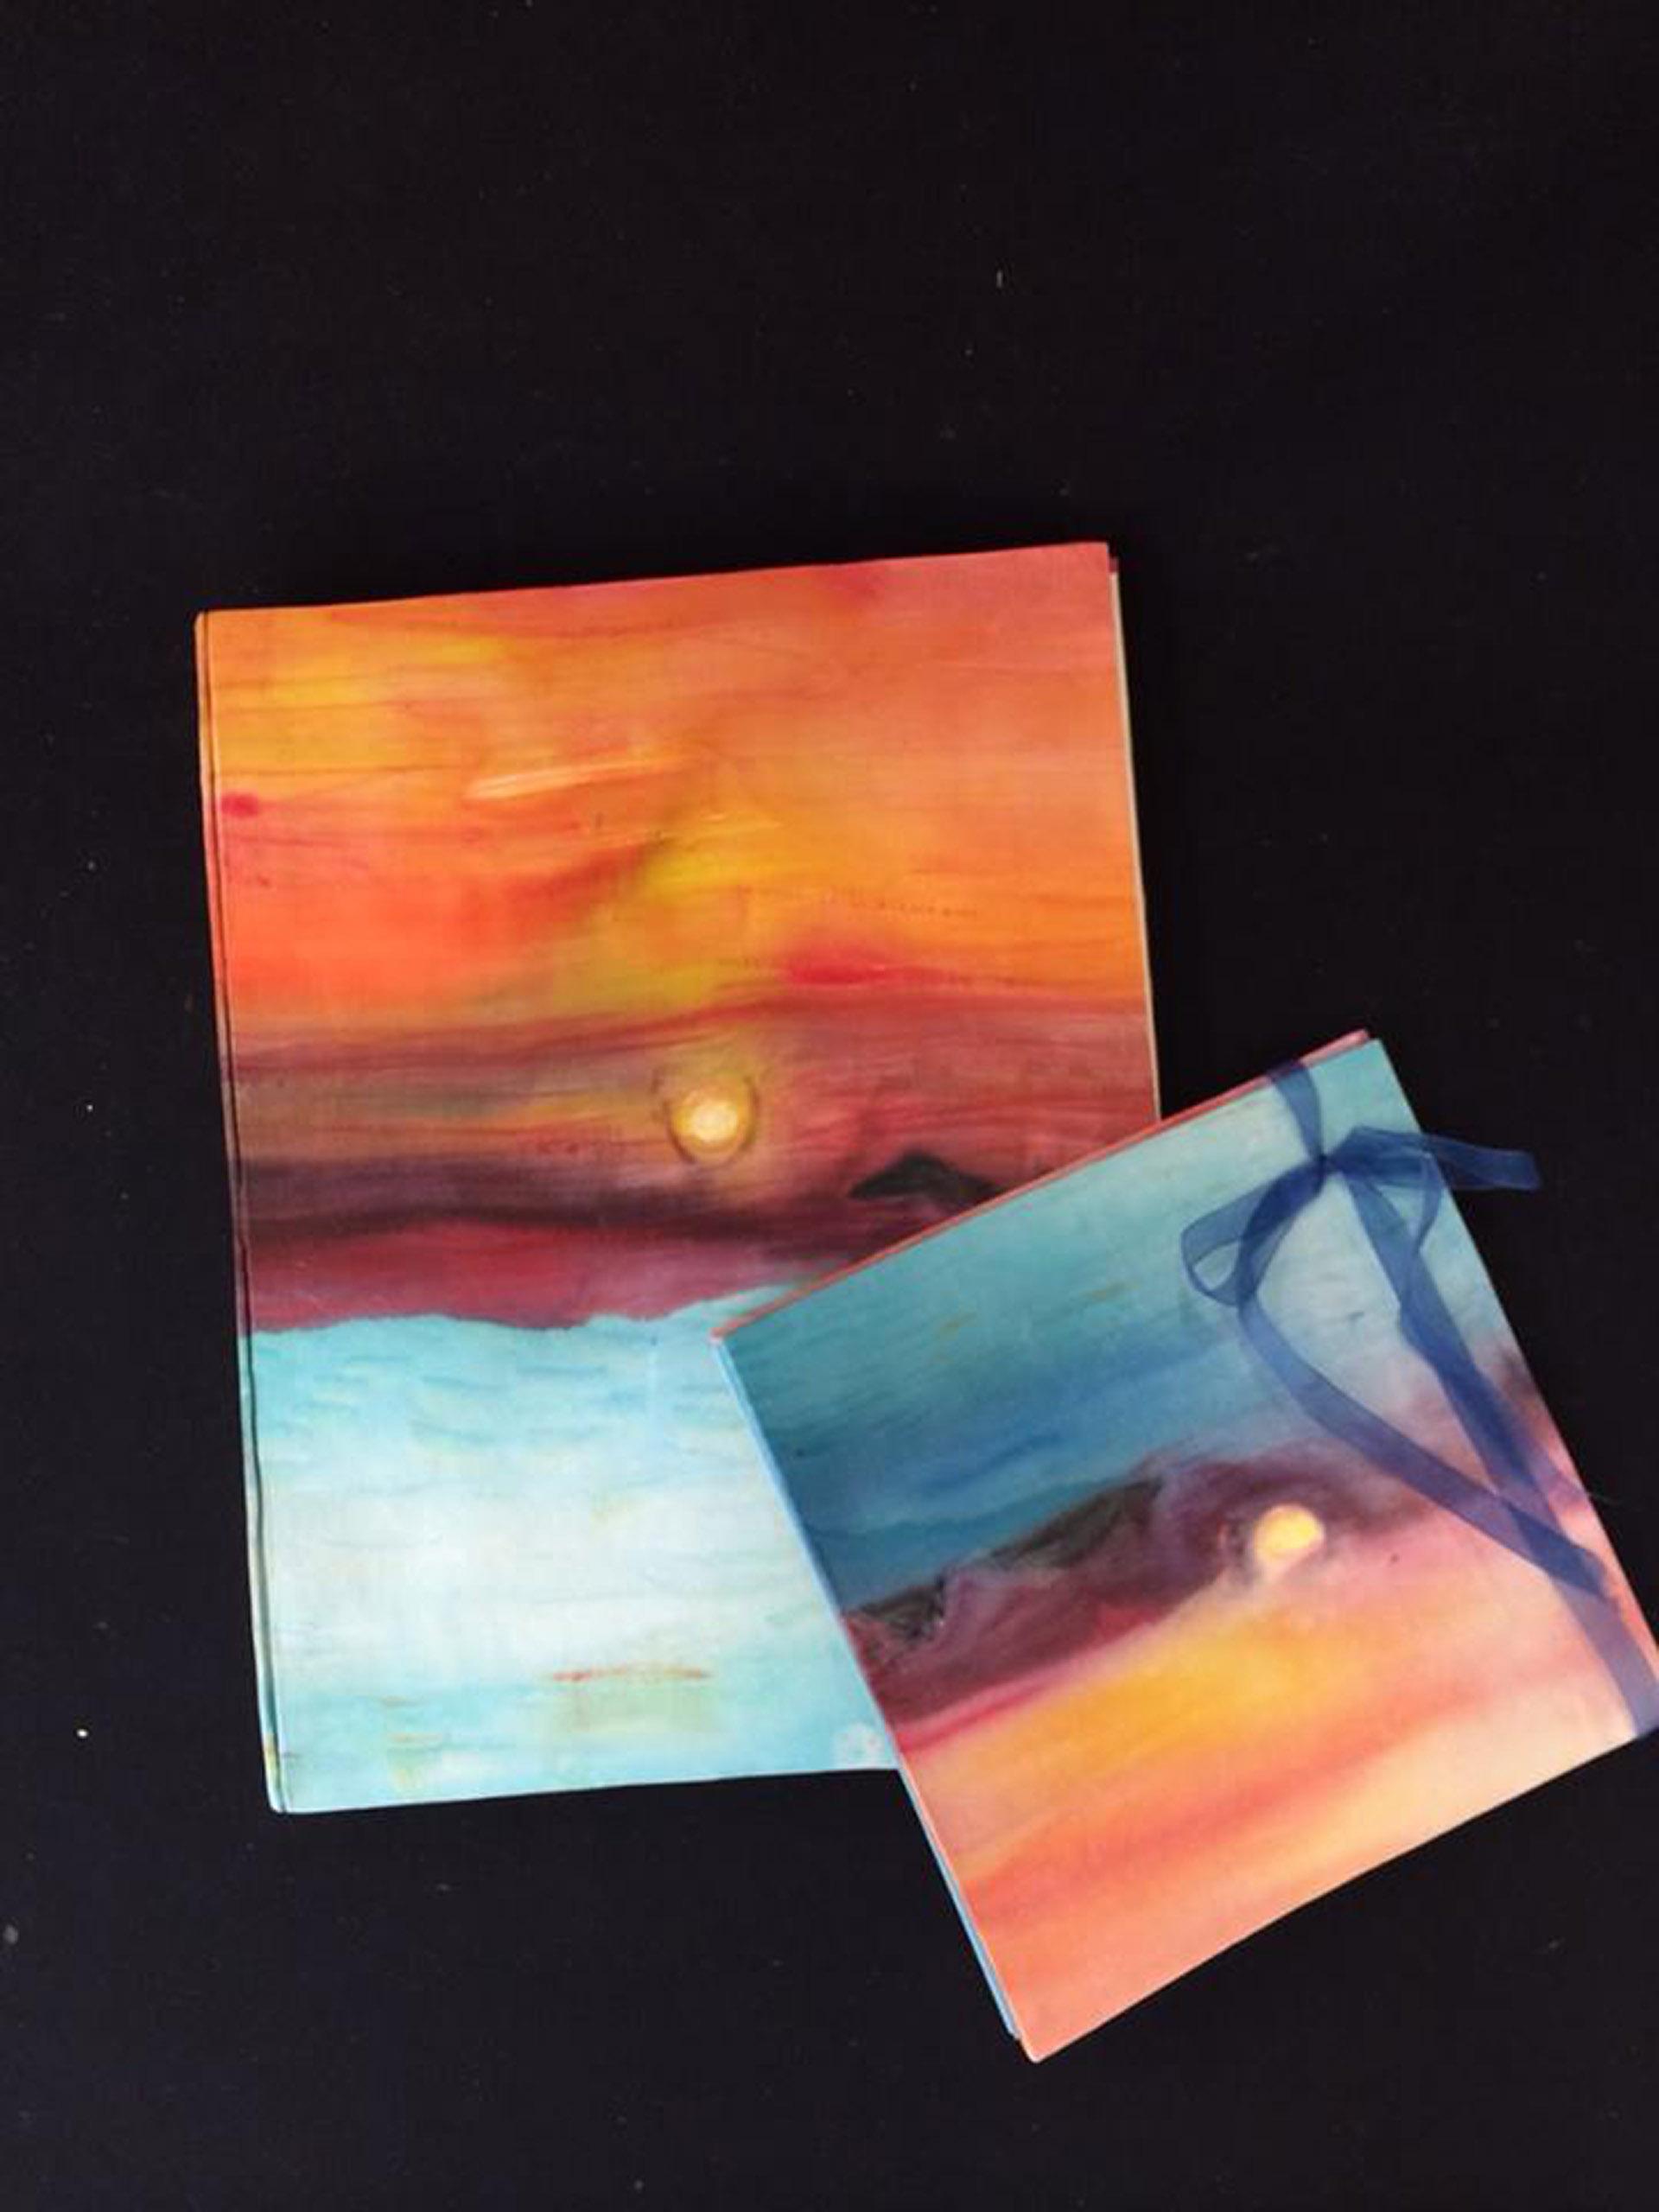 Portada de álbum de fotos (31 x 24 cm)  Puesta de sol en seda natural crepe saten  montado a mano por Marta Soliva